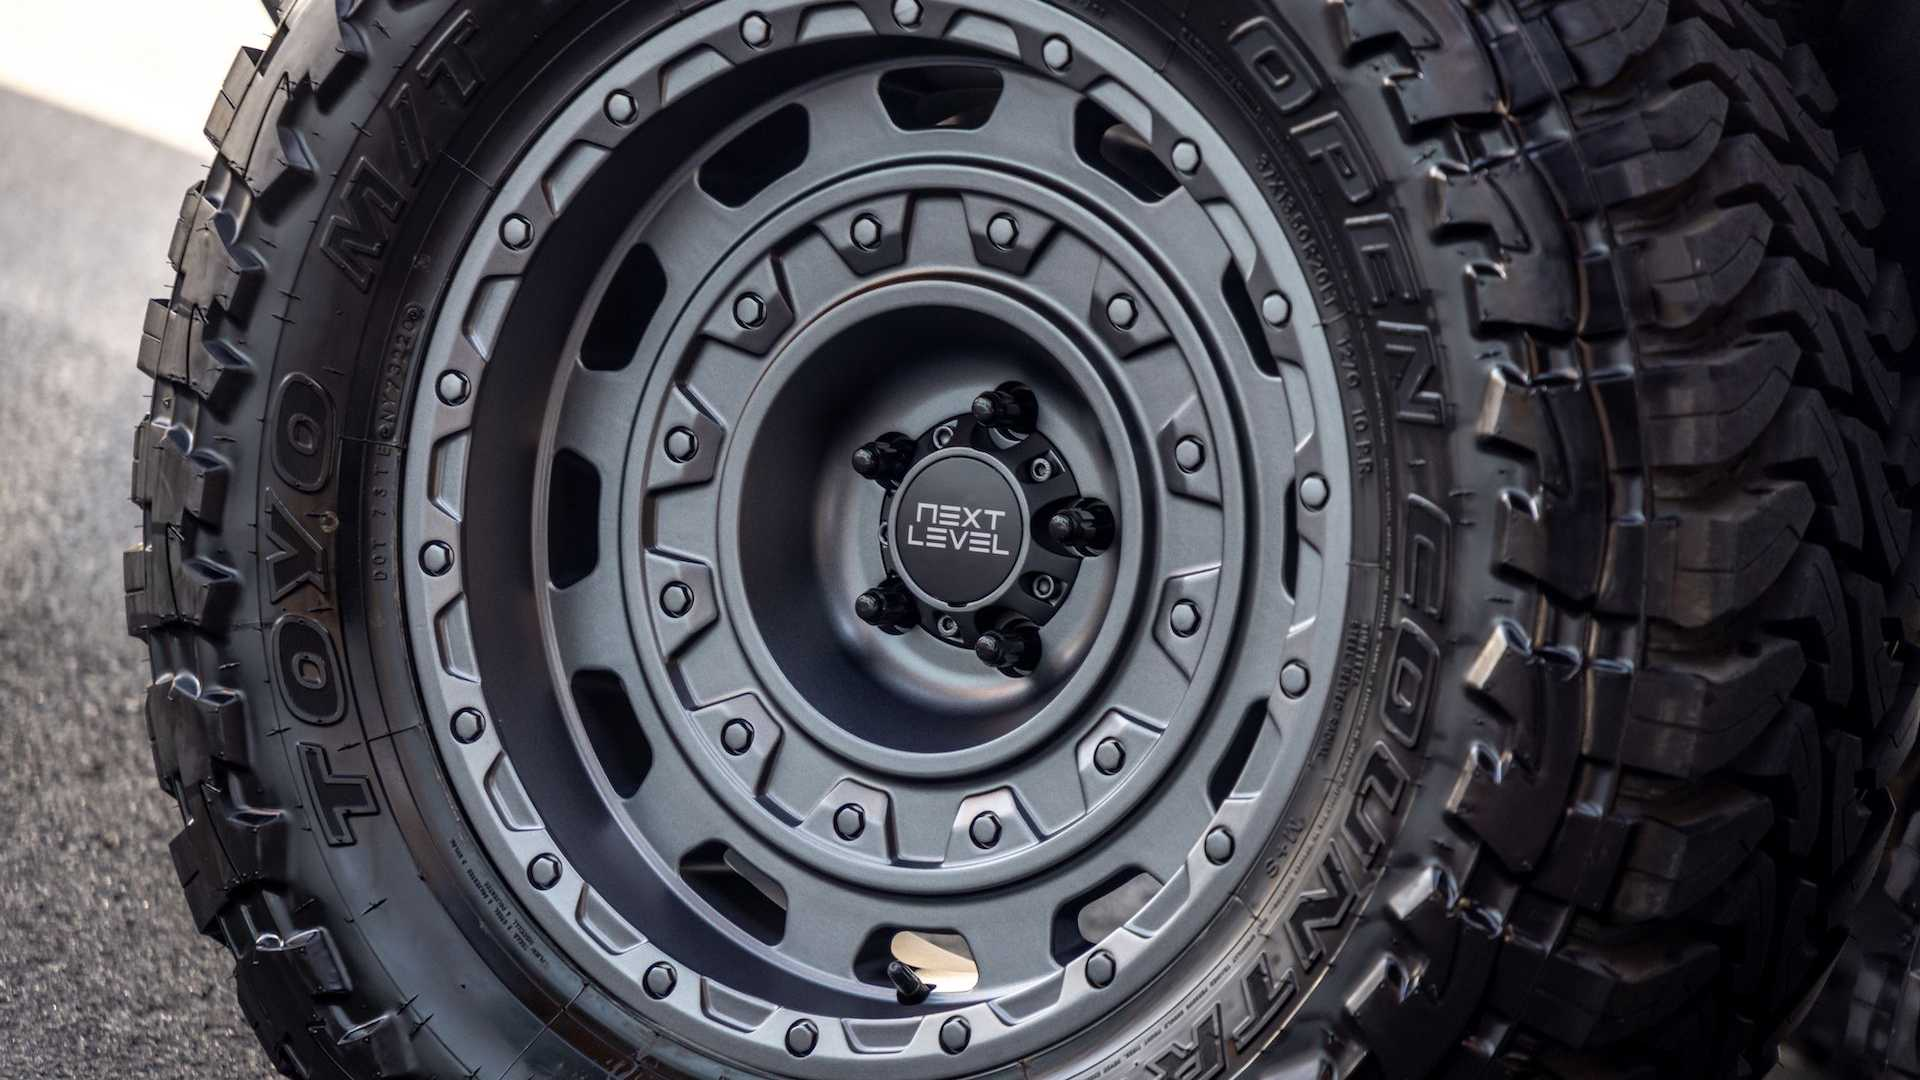 Jeep-Gladiator-6x6-by-Next-Level-32